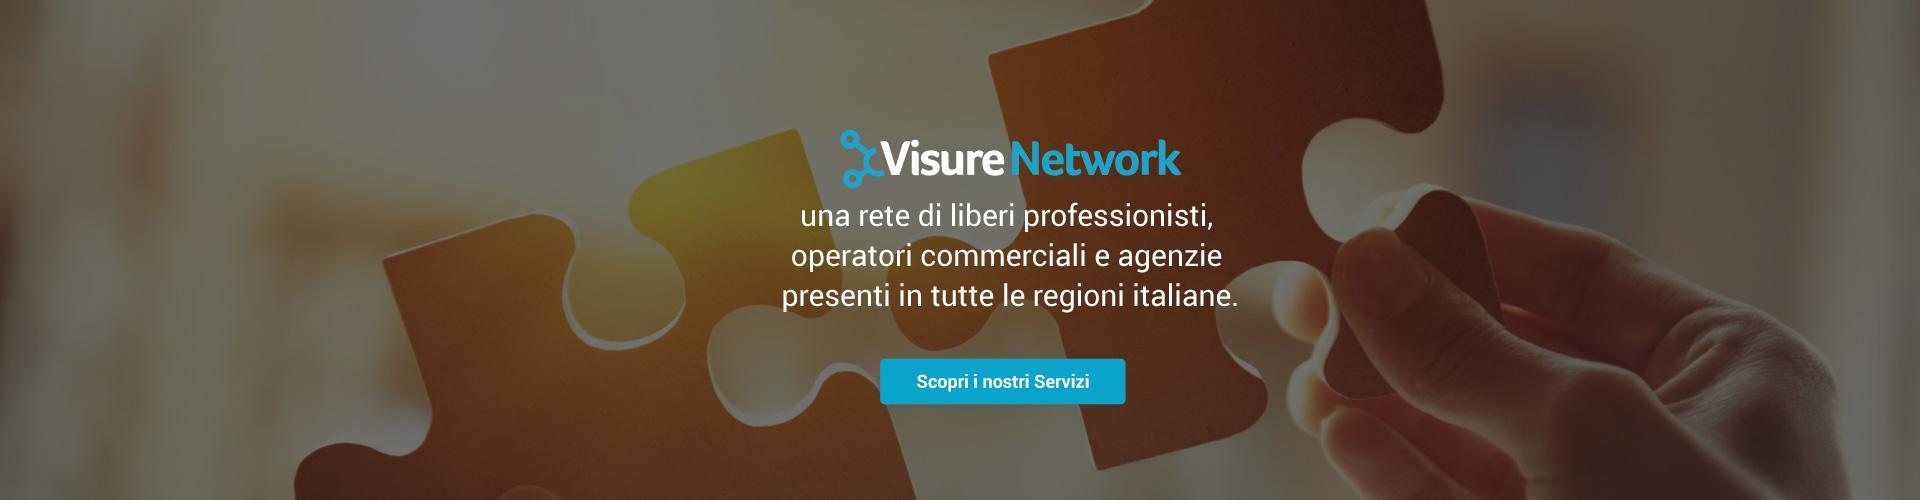 Diventa Partner Visure Network®